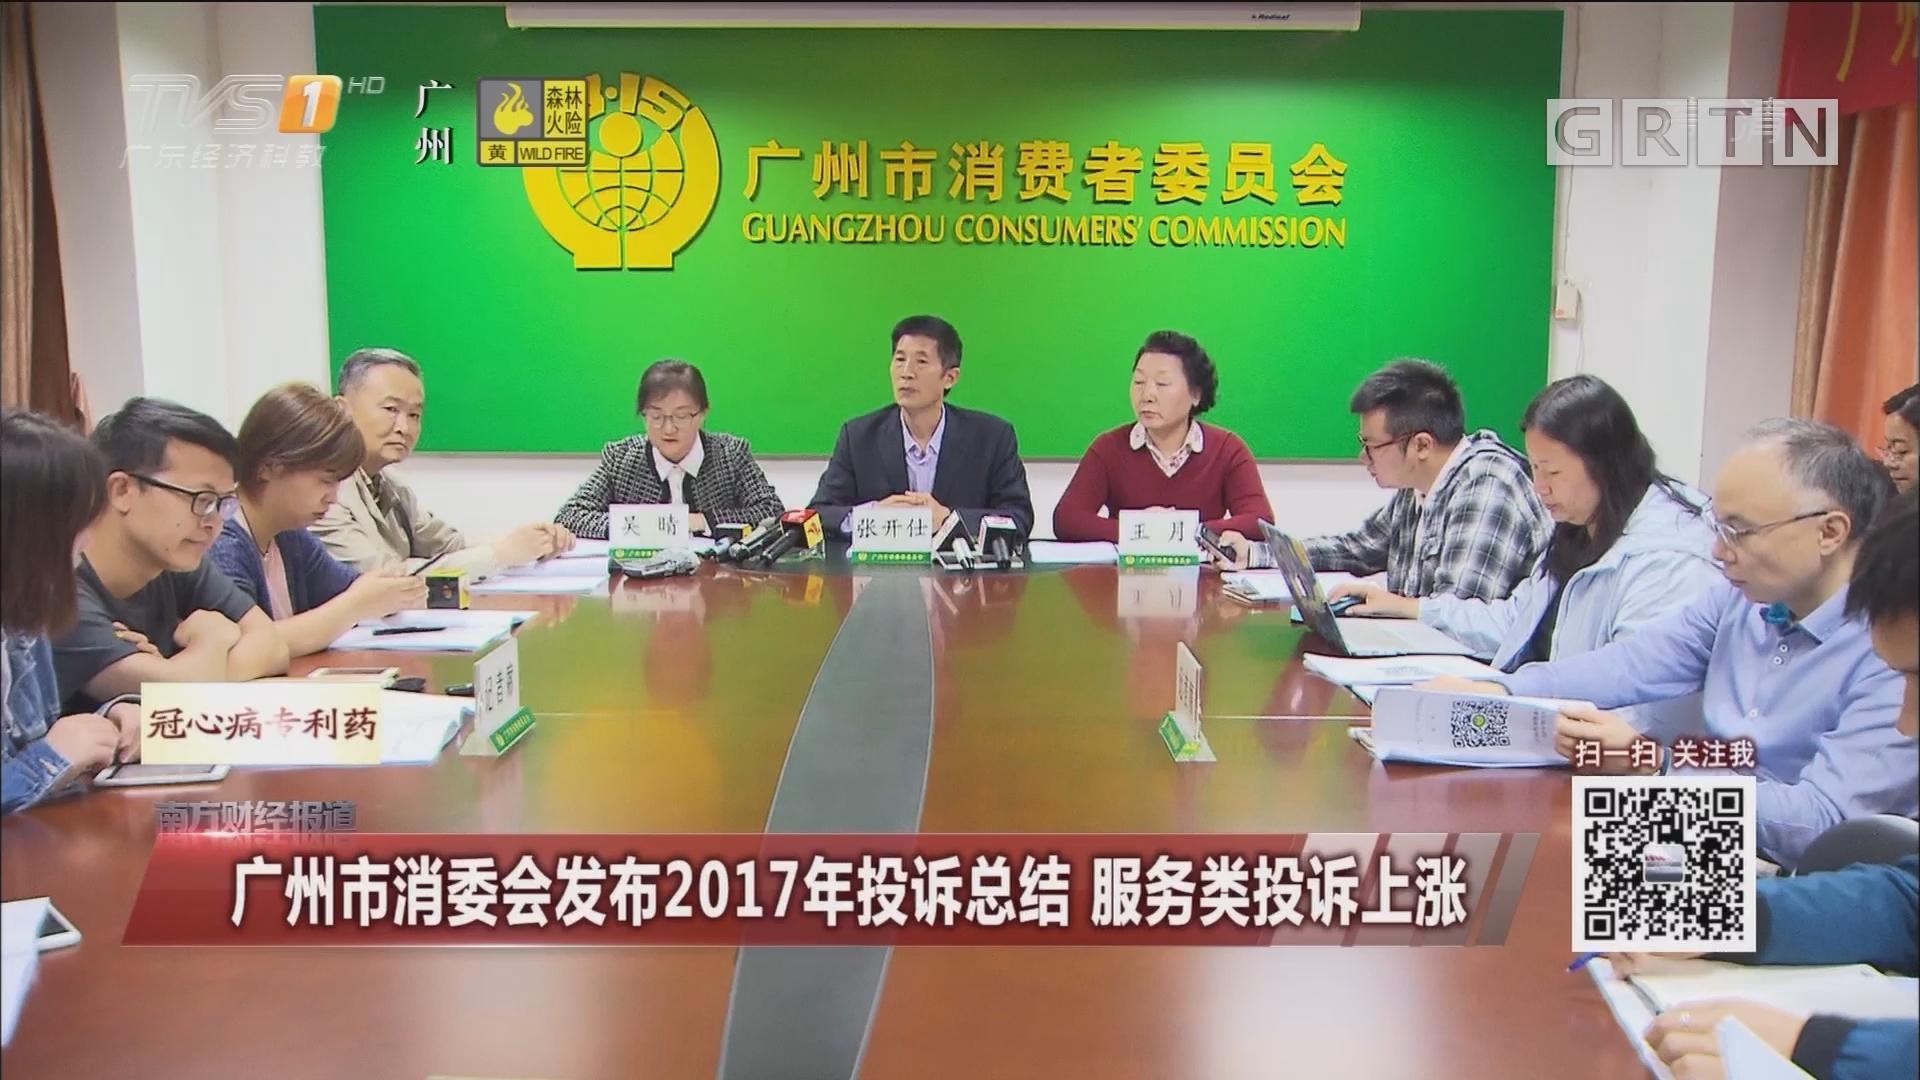 广州市消委会发布2017年投诉总结 服务类投诉上涨